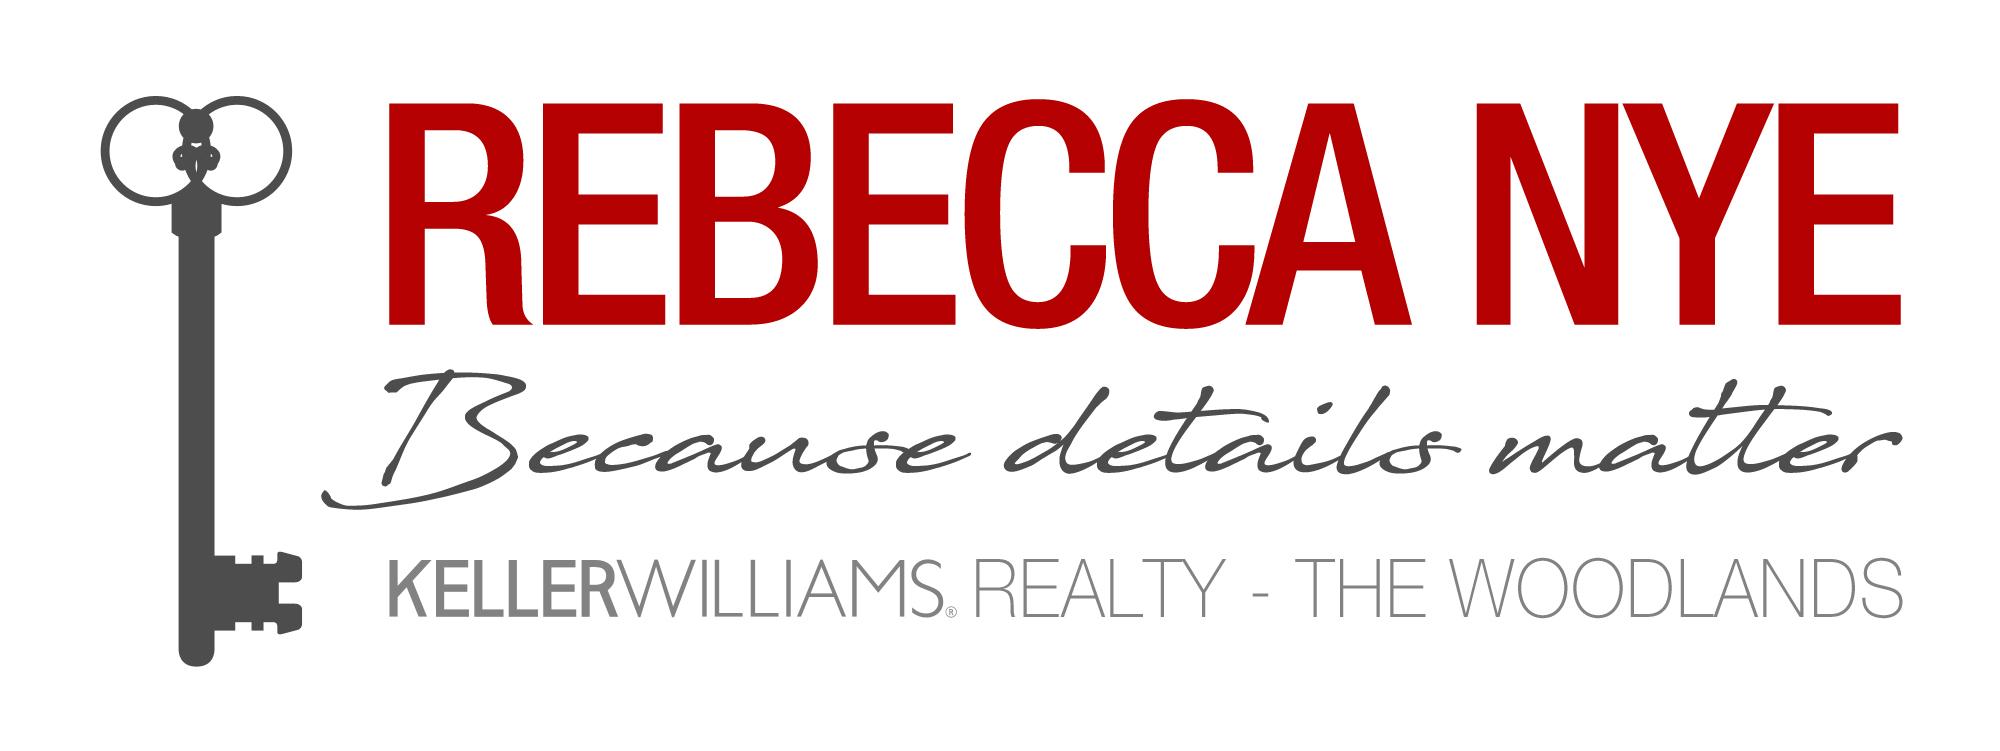 Rebecca_nye_complete_